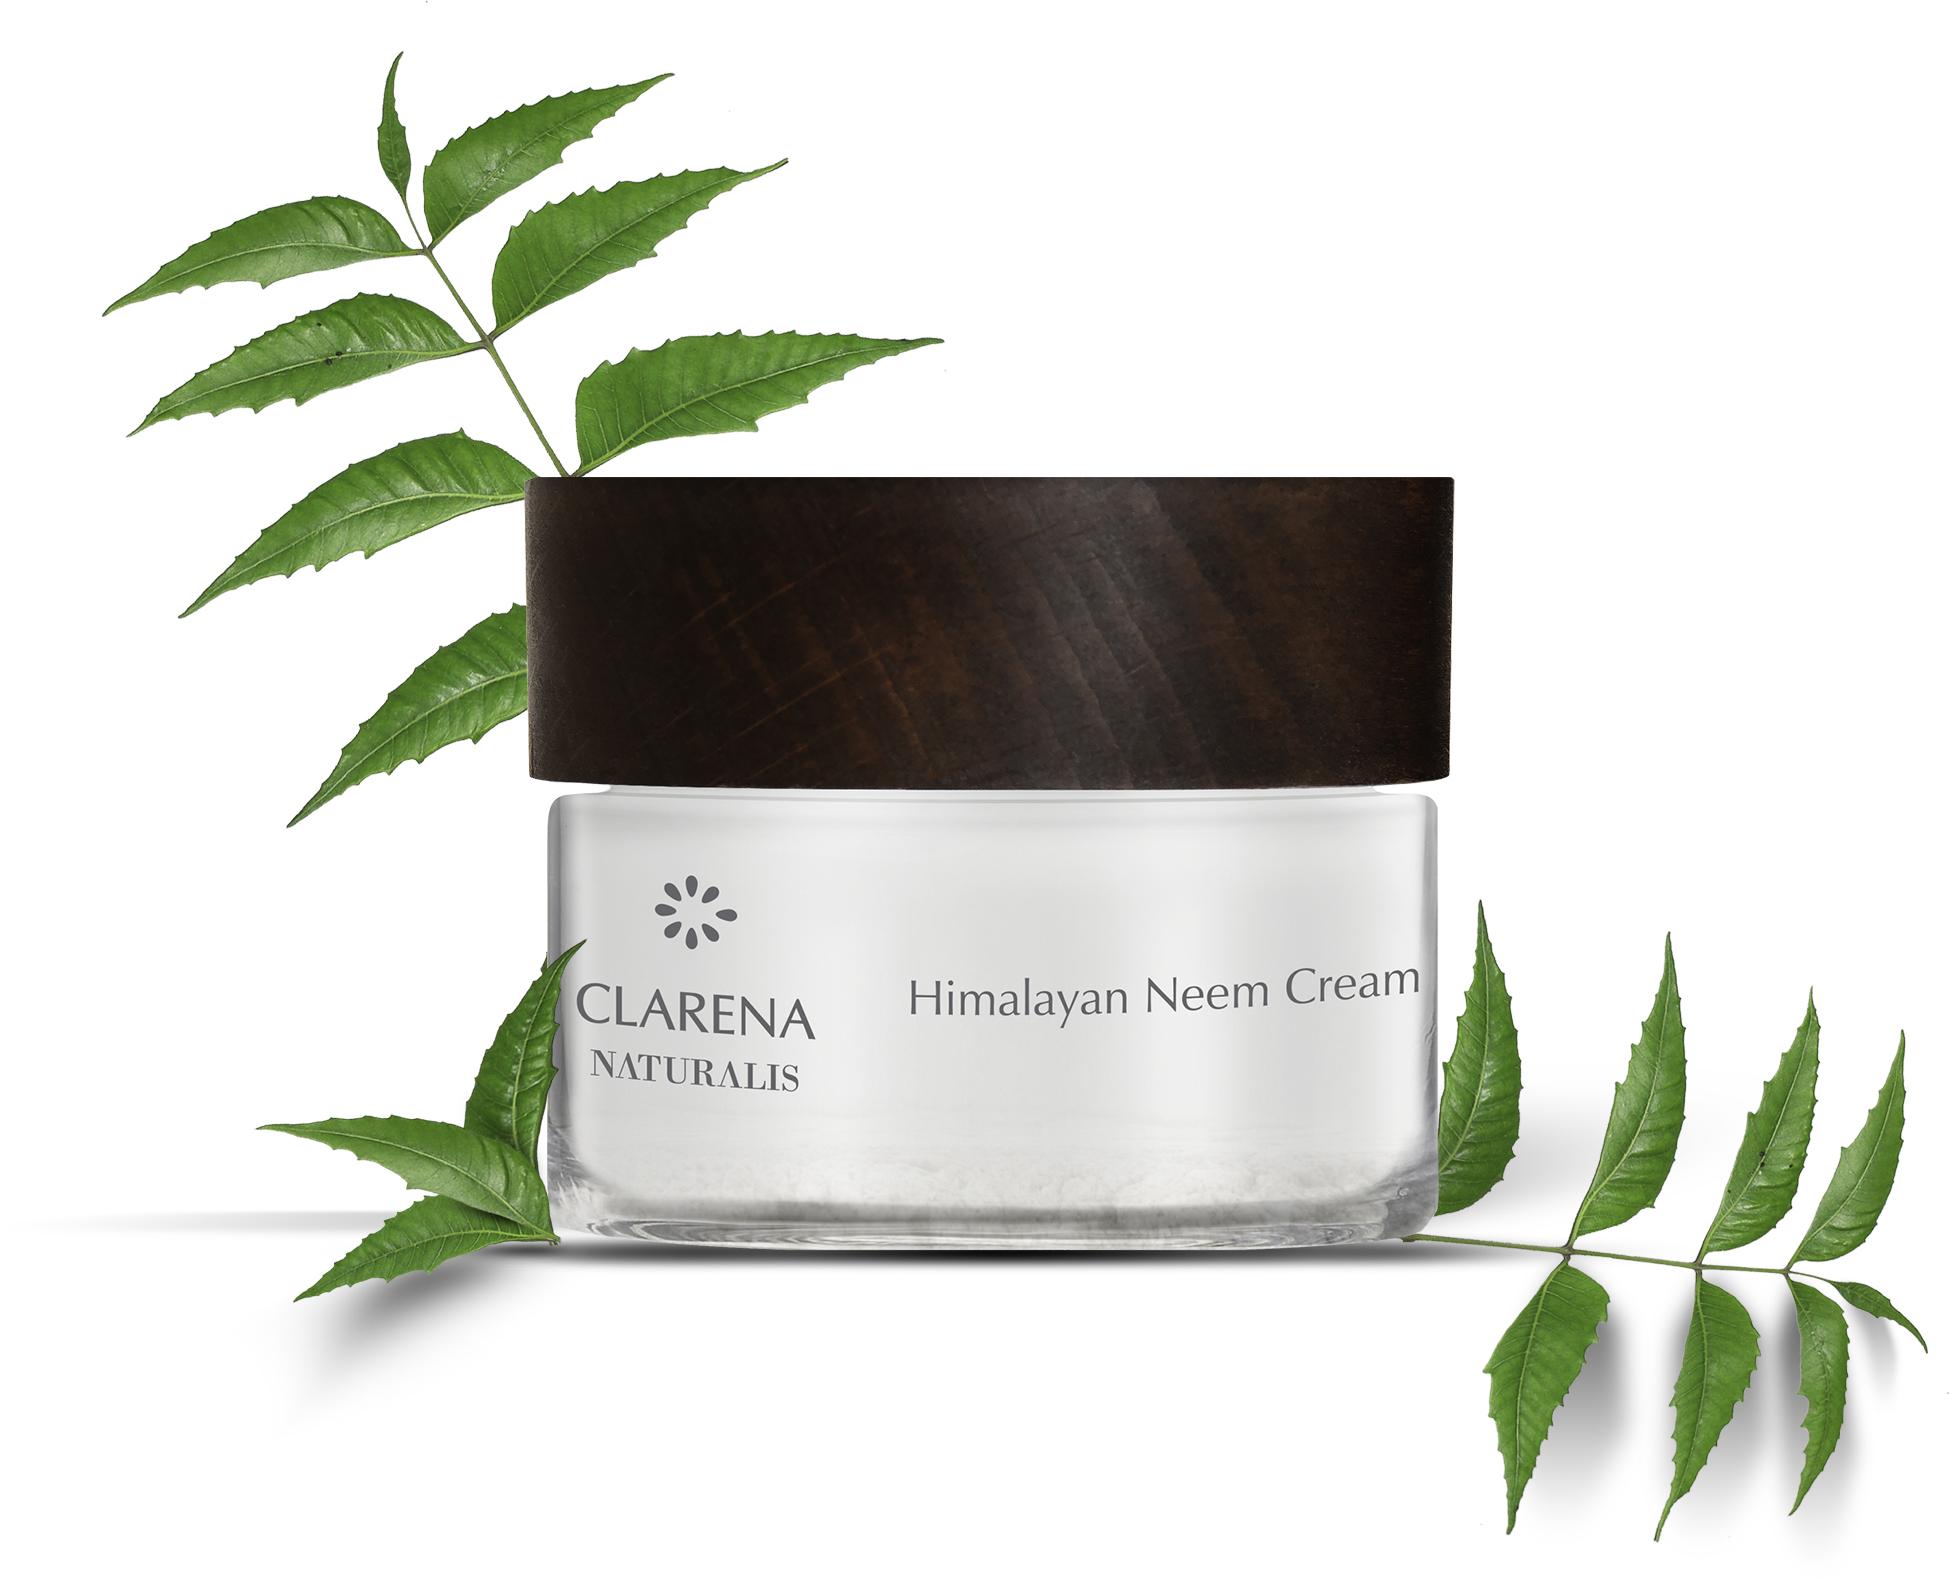 ClarenaNaturalis_Himalayan_Neem_Cream